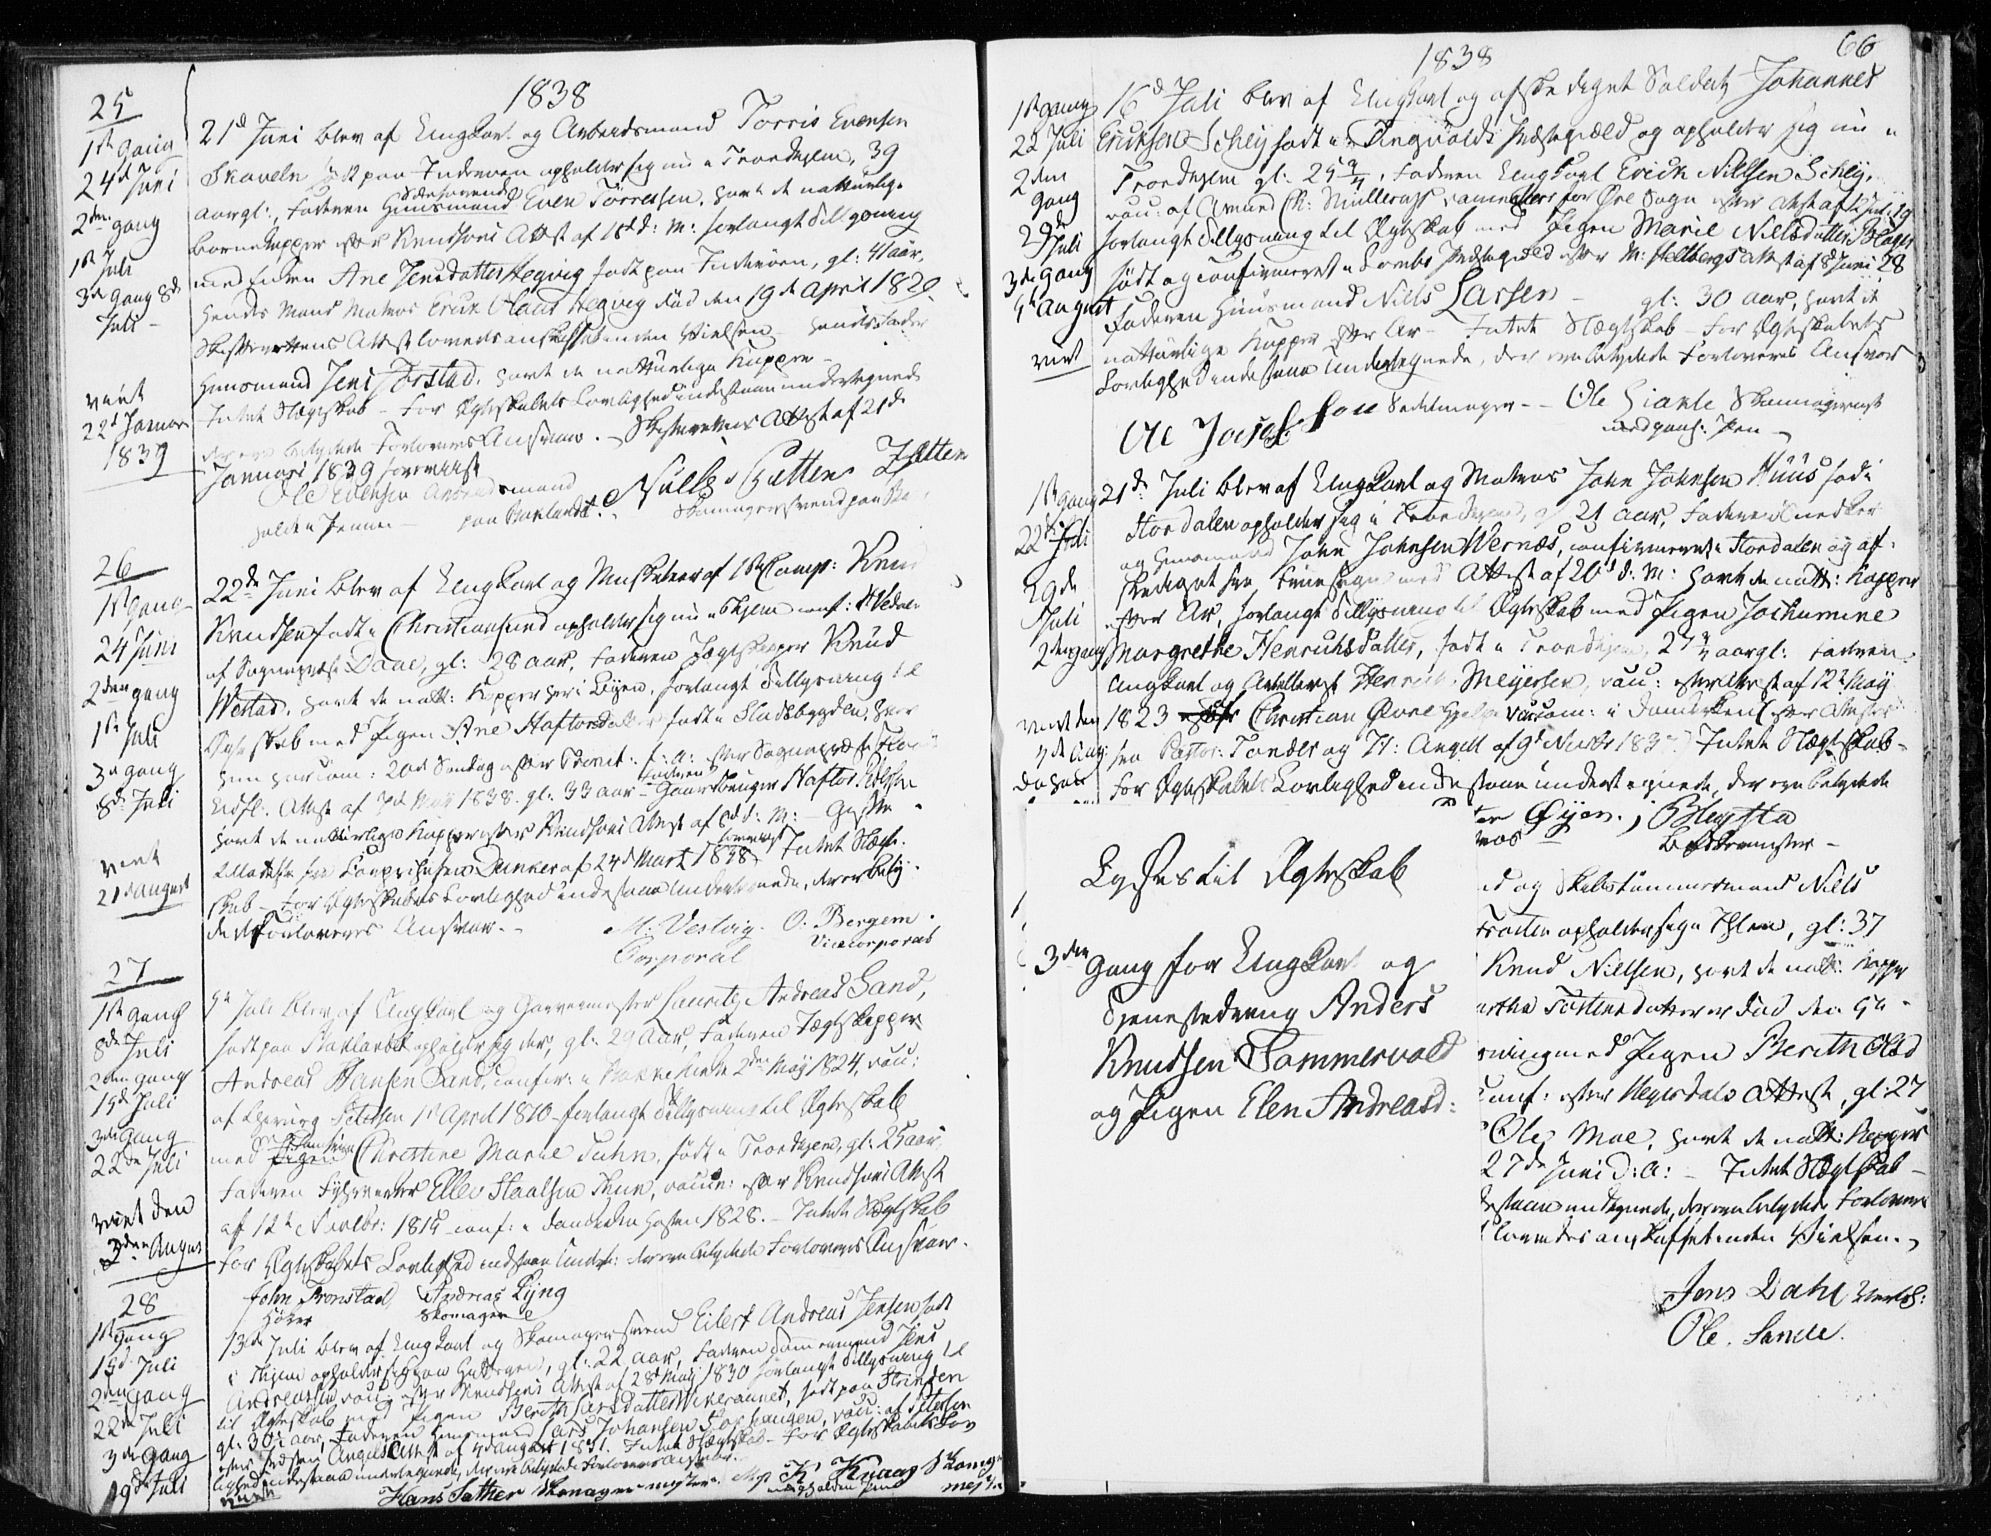 SAT, Ministerialprotokoller, klokkerbøker og fødselsregistre - Sør-Trøndelag, 601/L0046: Ministerialbok nr. 601A14, 1830-1841, s. 66